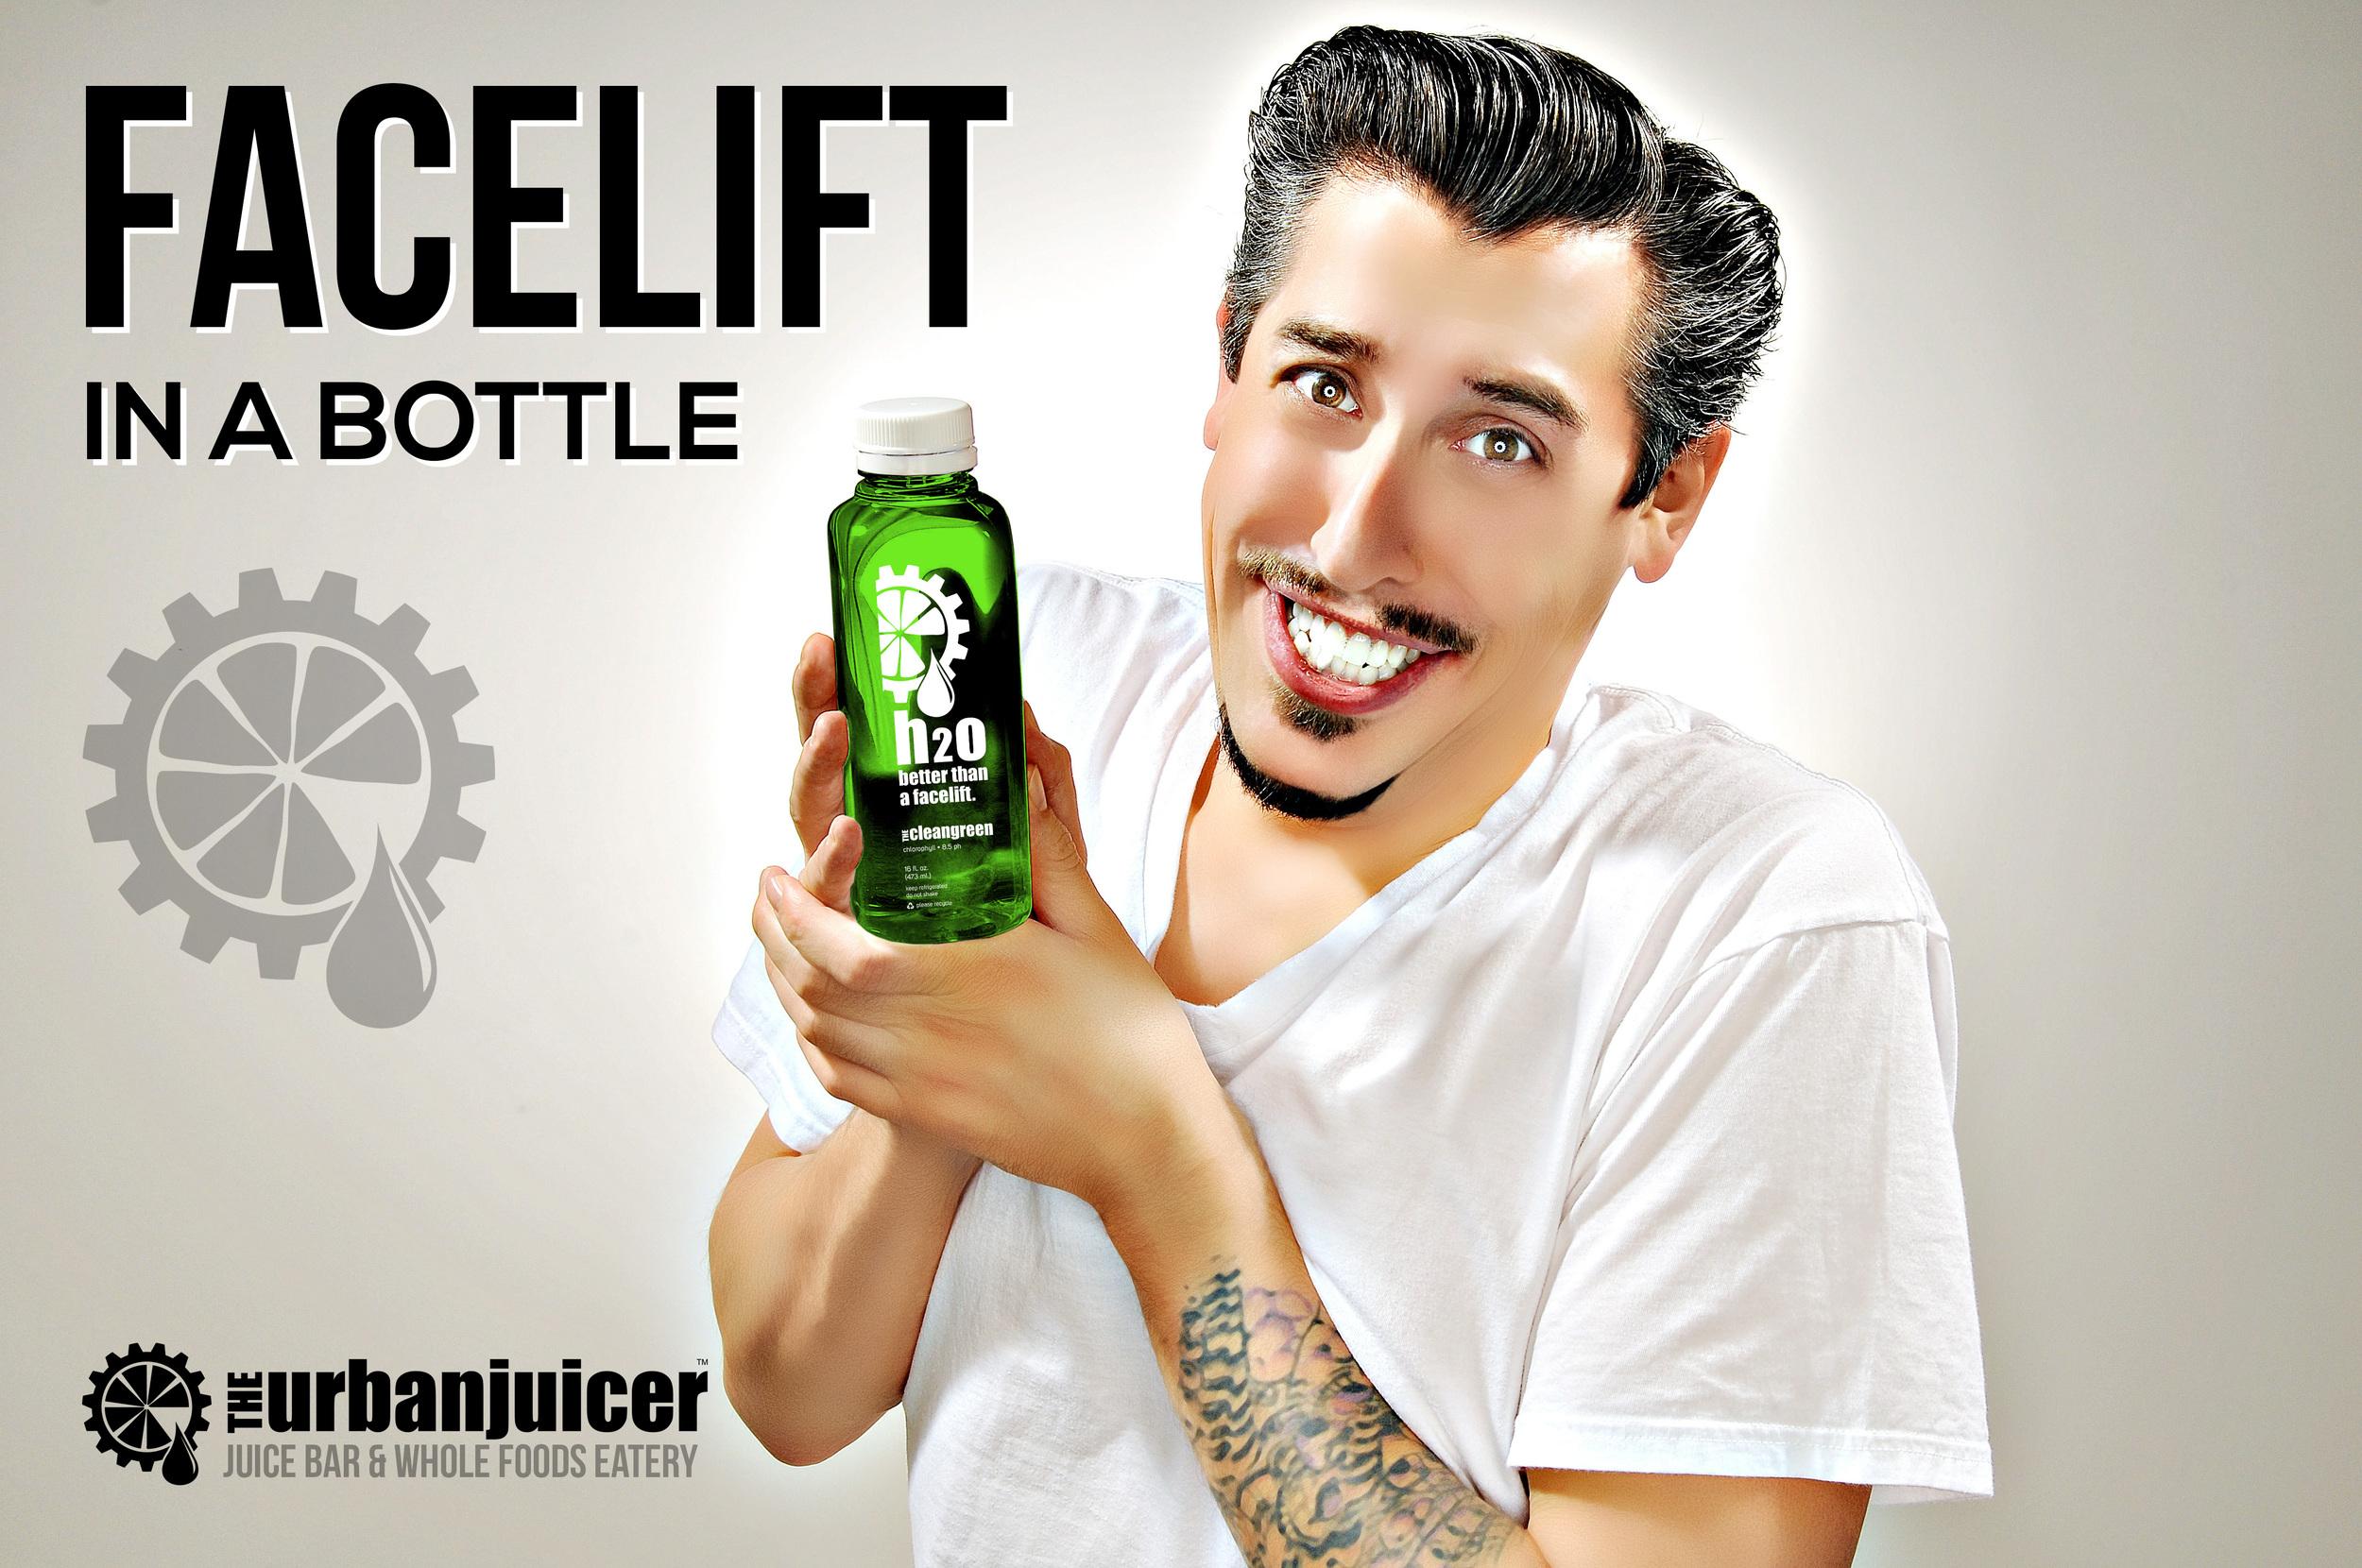 Dustin-Clean-Green-White-BG-Facelift-Bonus-01.jpg